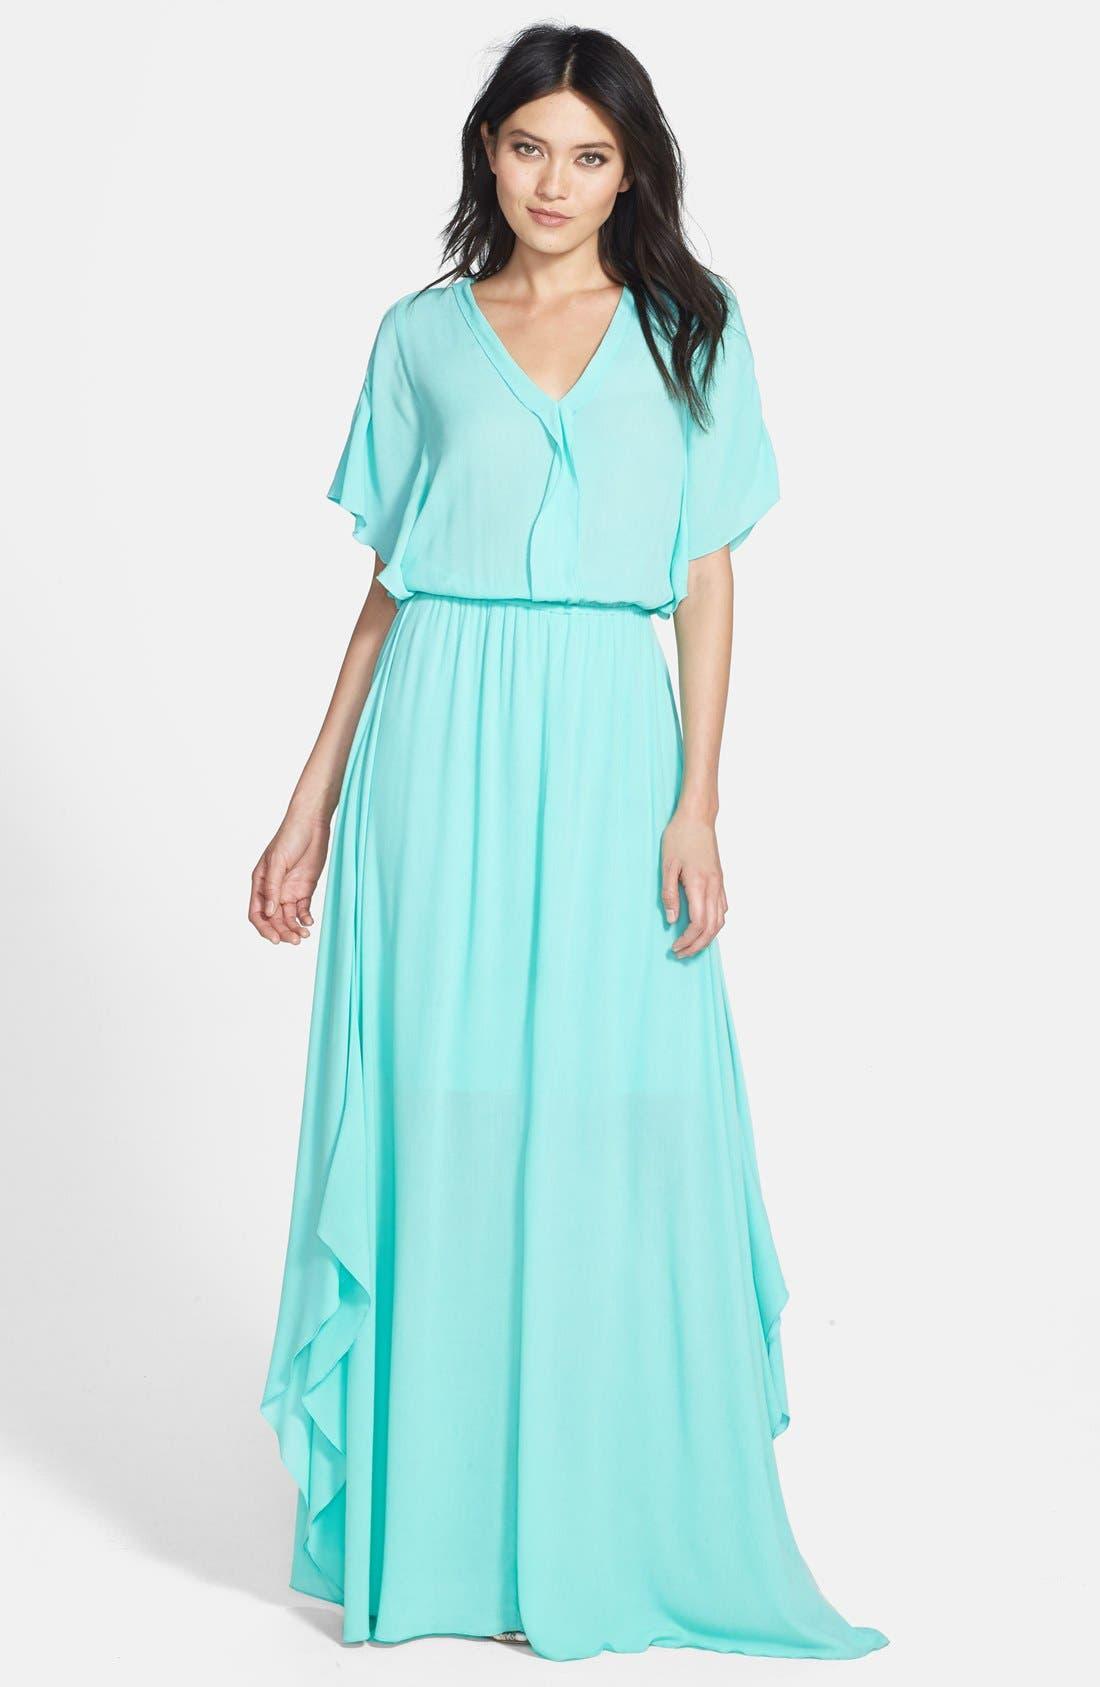 Main Image - Ella Moss 'Stella' Ruffle Blouson Maxi Dress